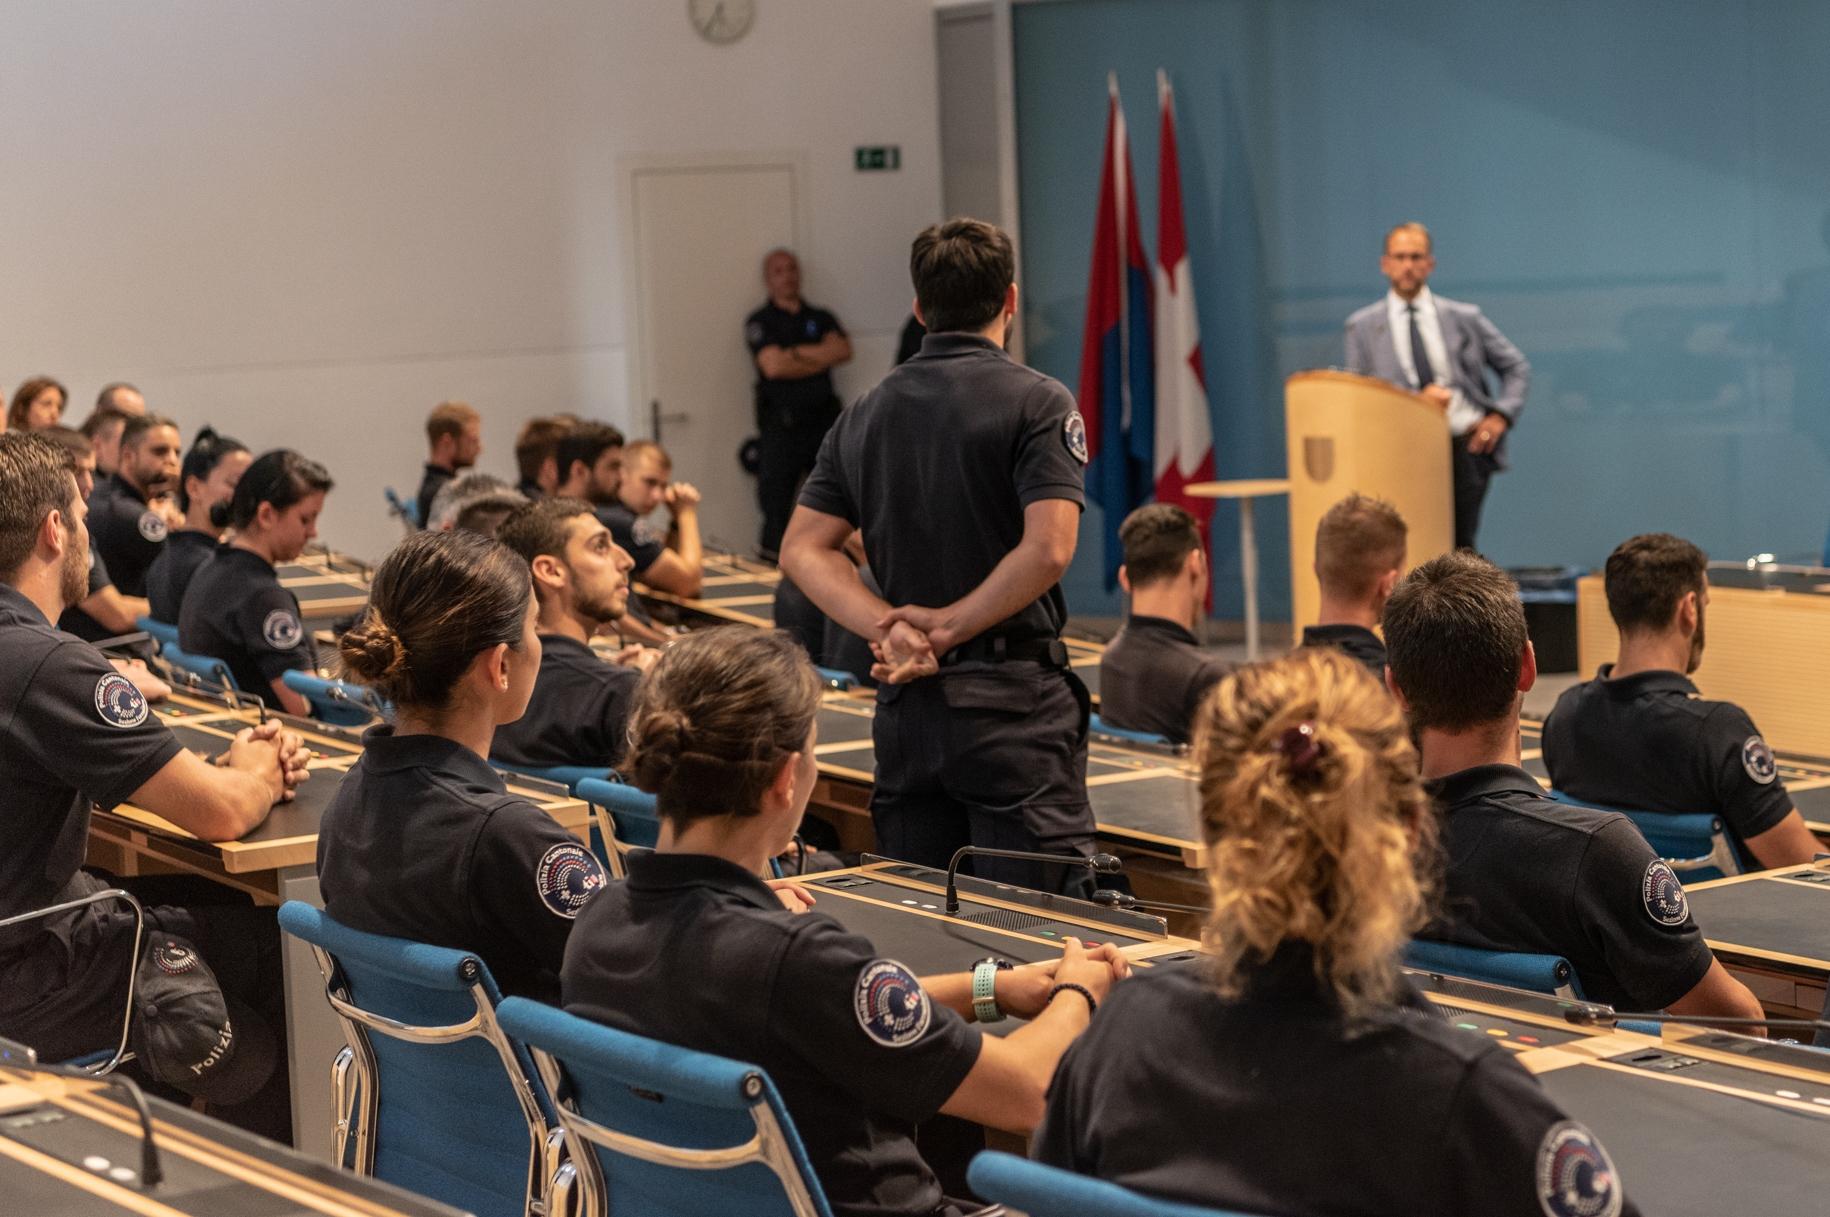 Norman Gobbi incontra gli aspiranti agenti di polizia